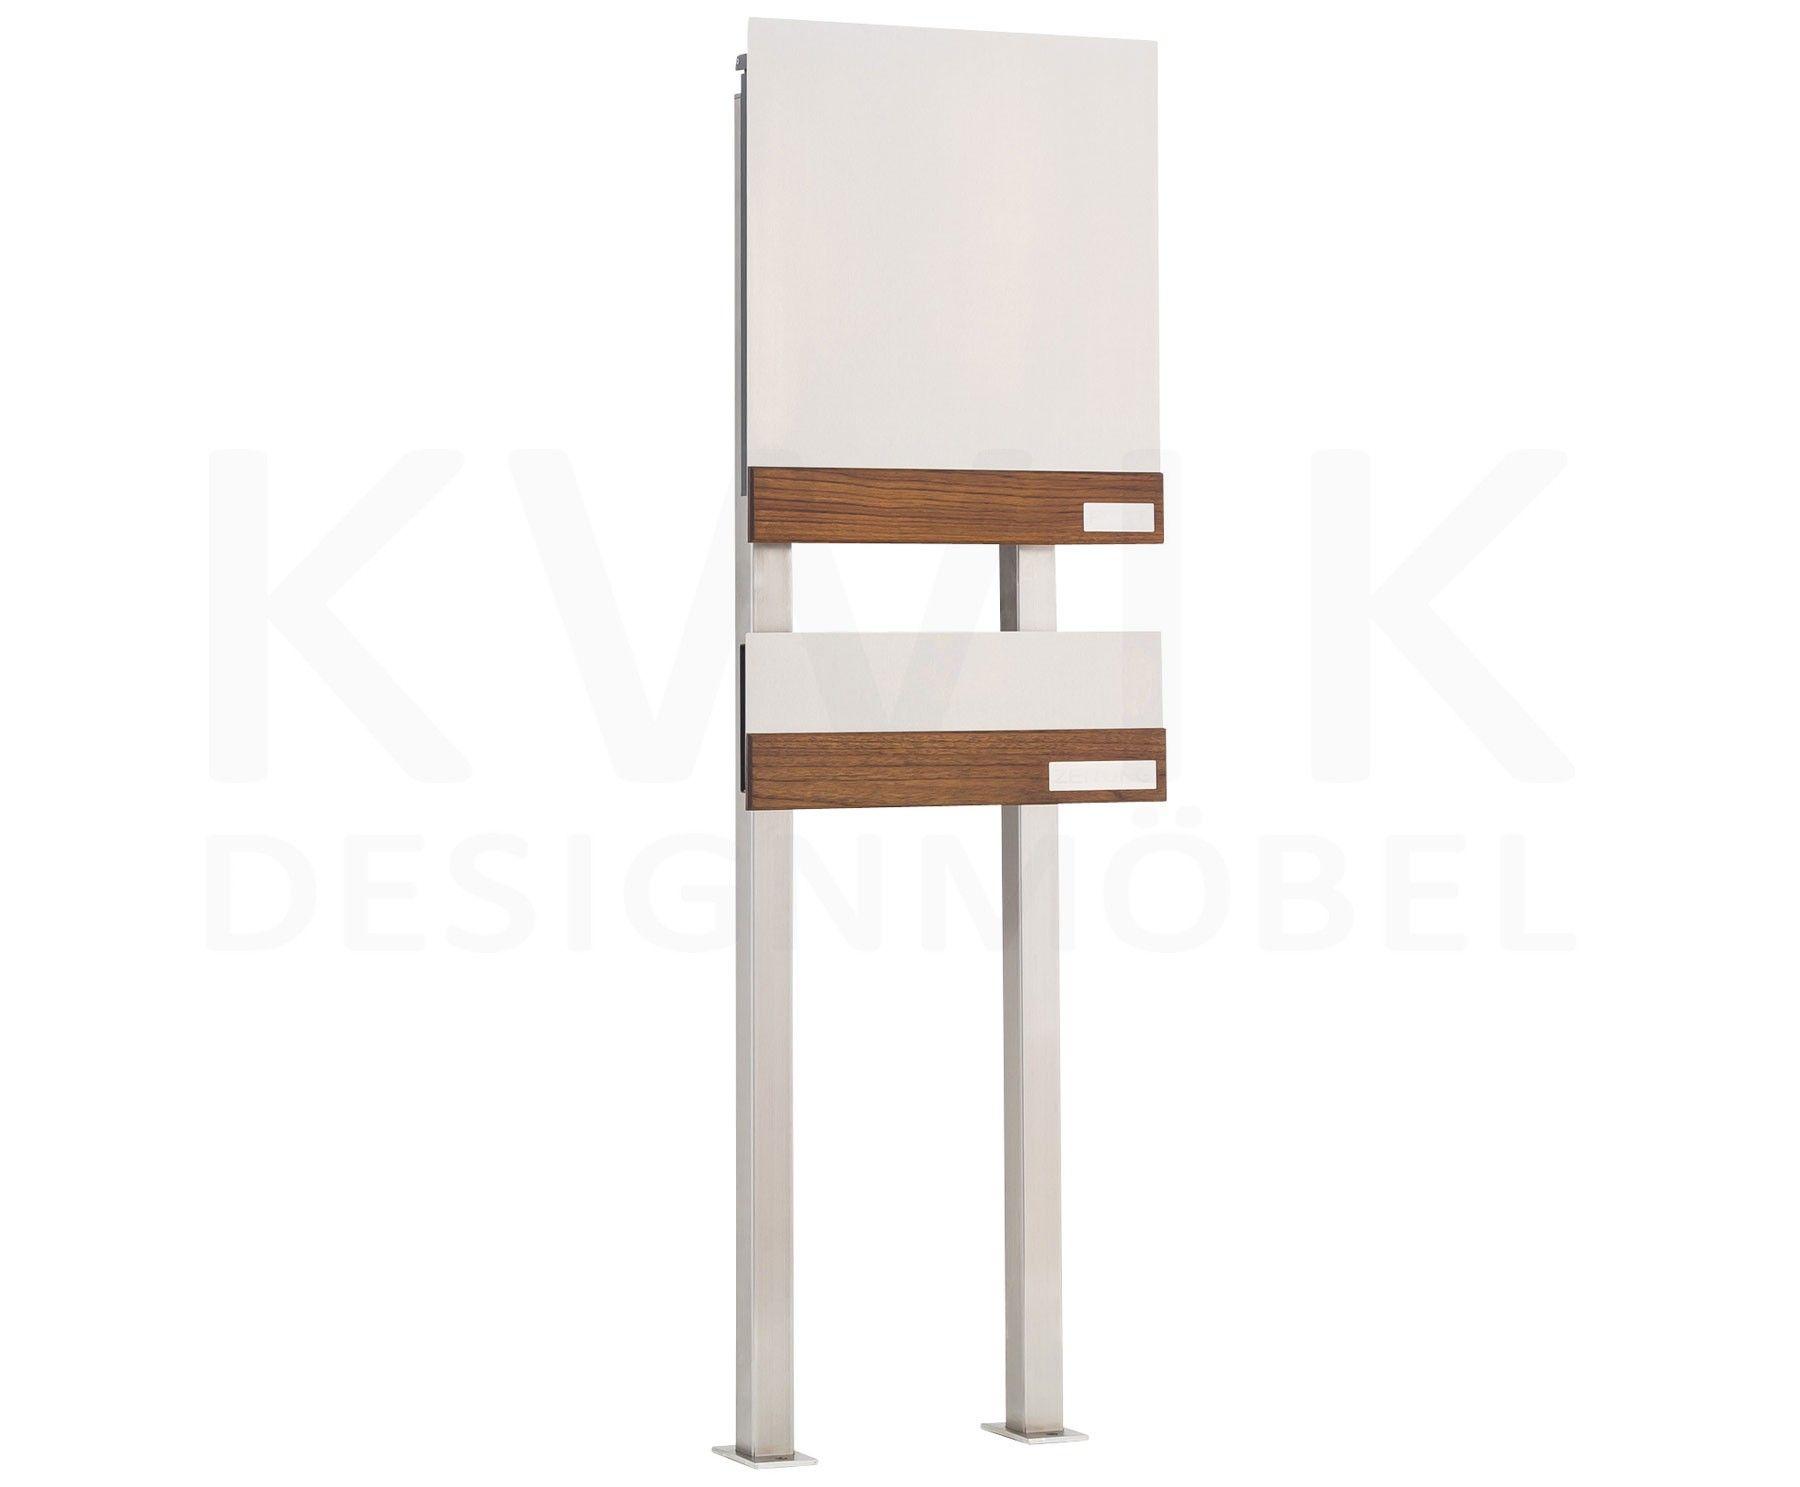 Küchen-designmöbel standbriefkasten siljan teak aus edelstahl u kwik designmöbel  haus